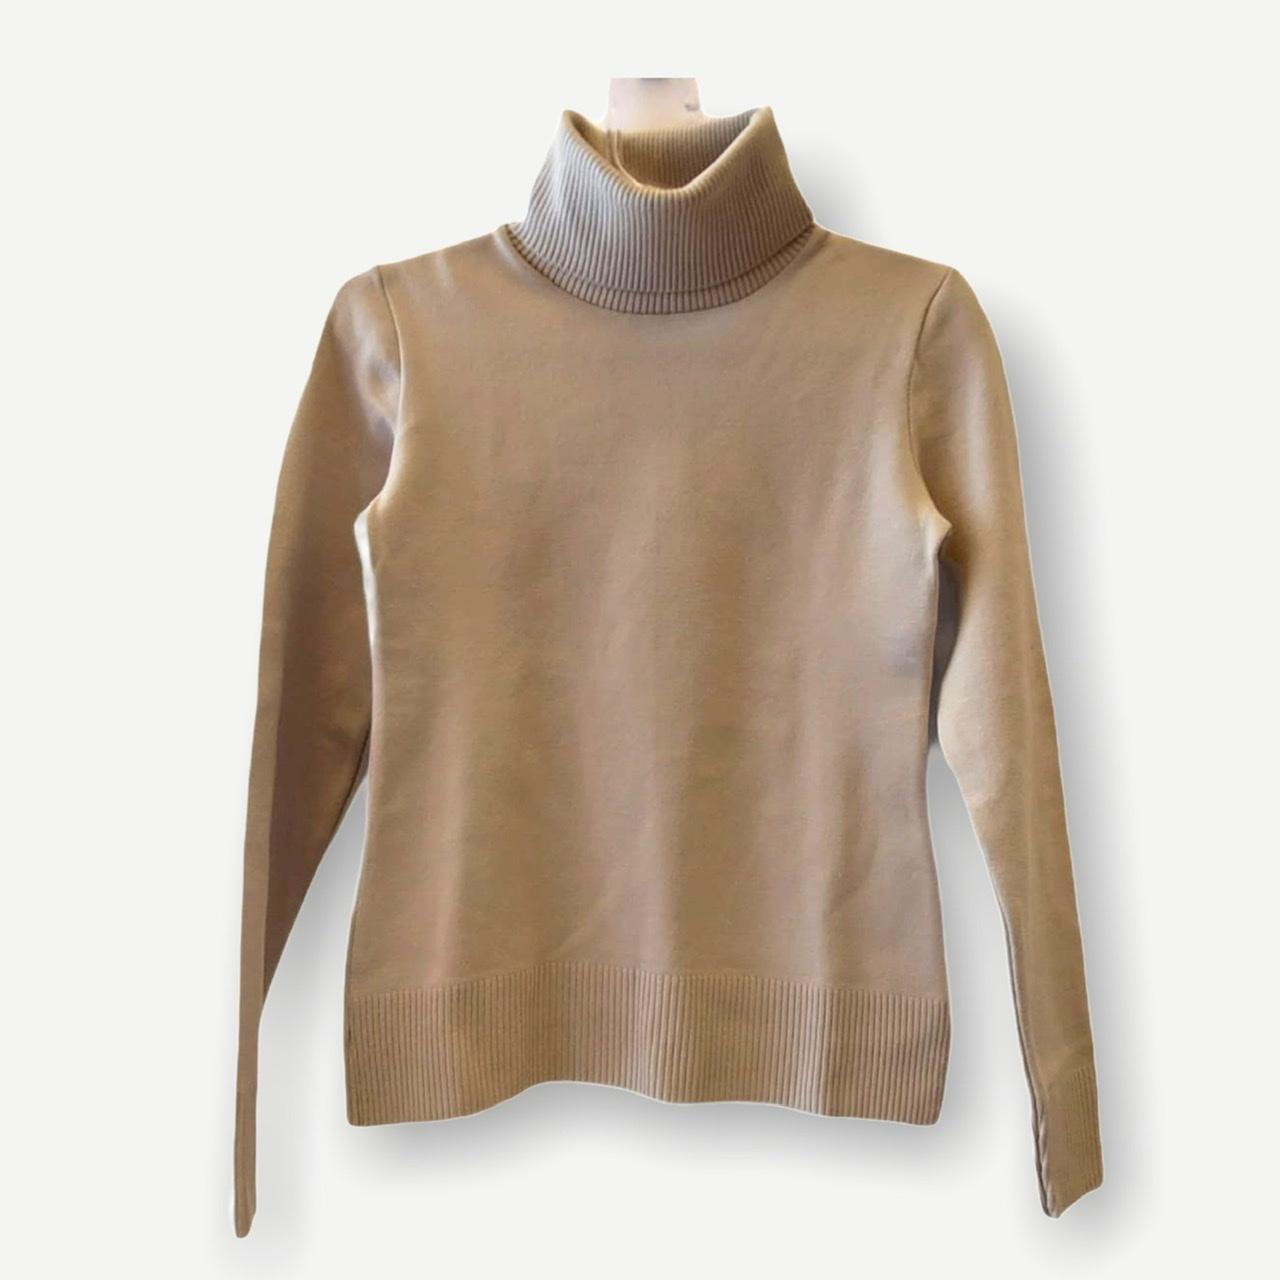 Blusa gola rolê areia tricot